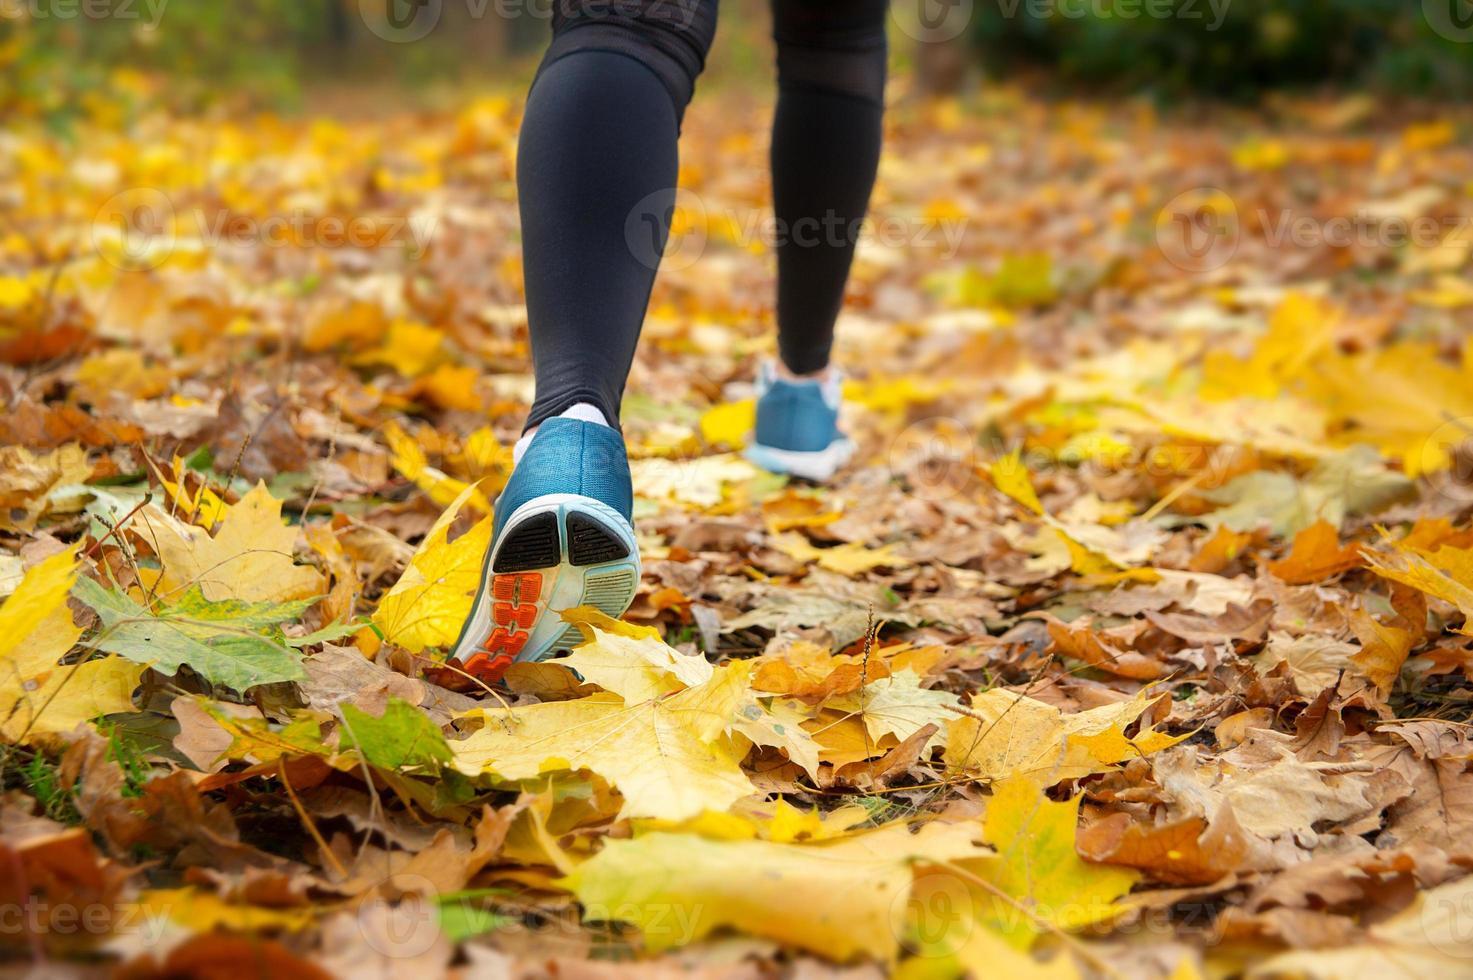 correr en el bosque de la mañana de otoño foto